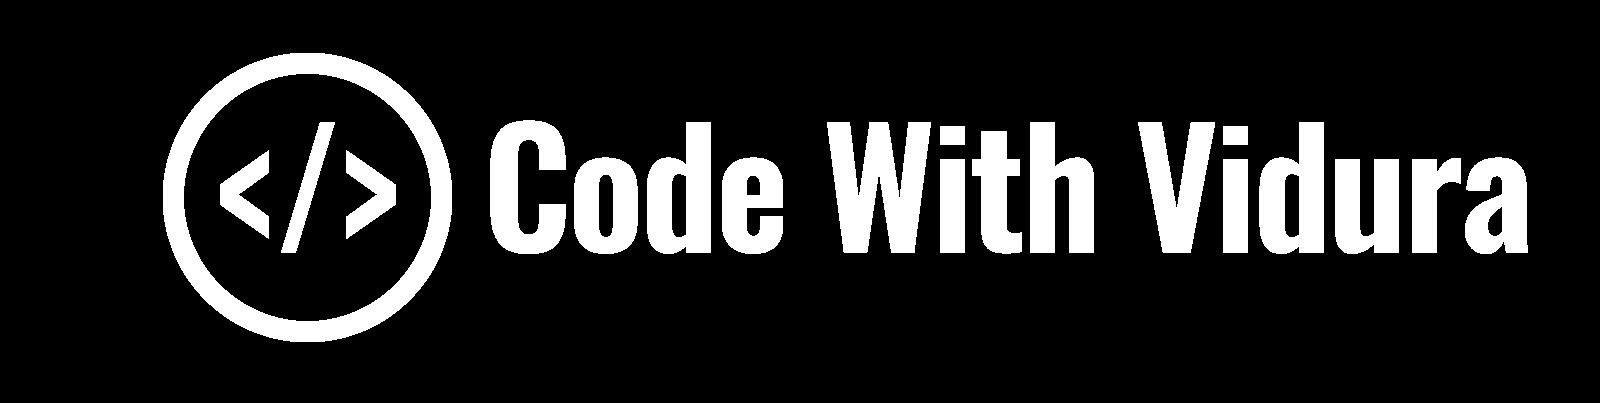 Code with Vidura